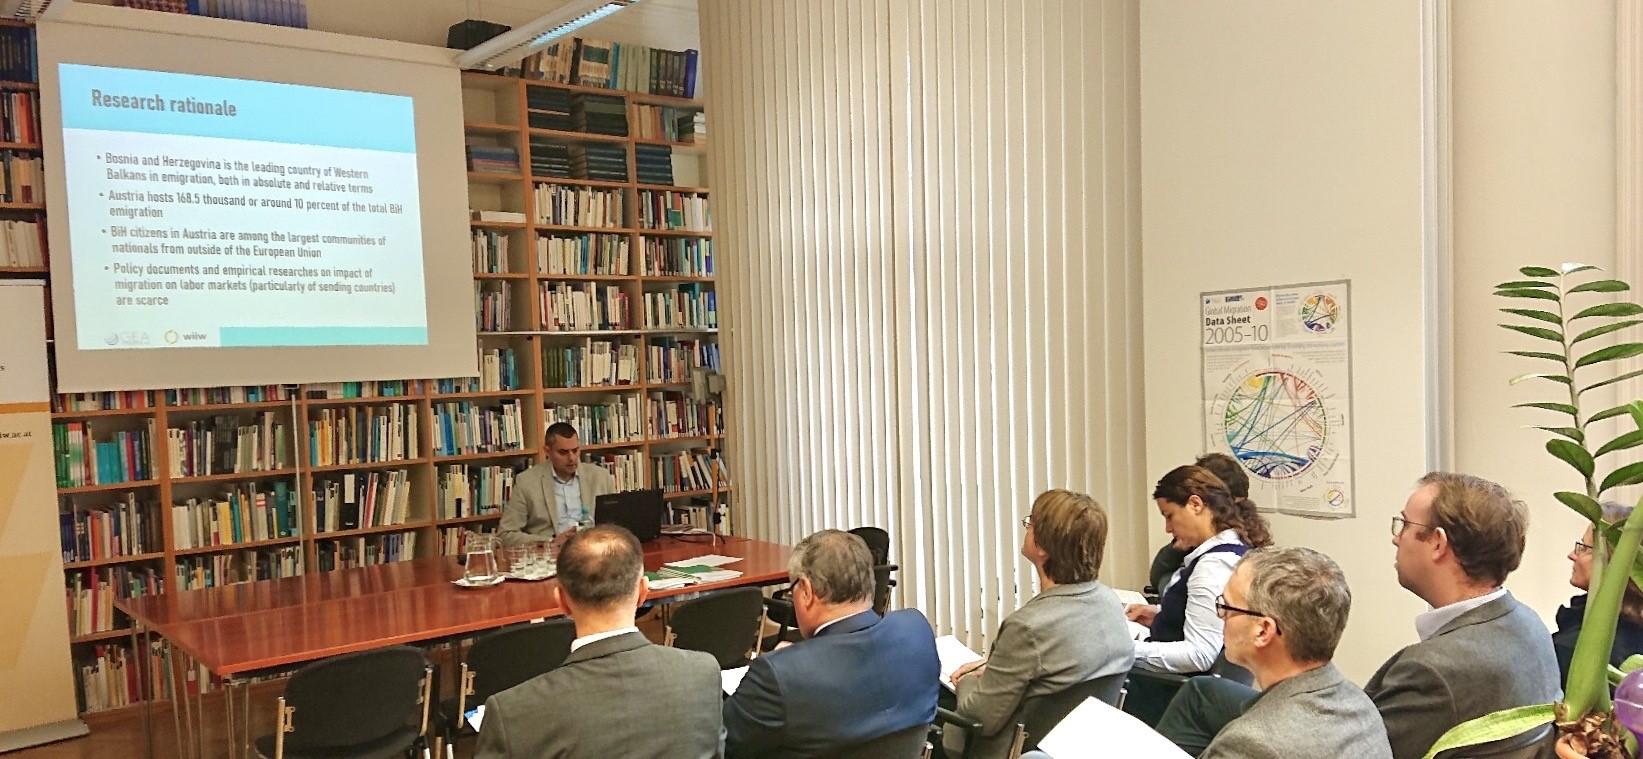 Prezentacija istraživanja o radnim migracijama u Beču